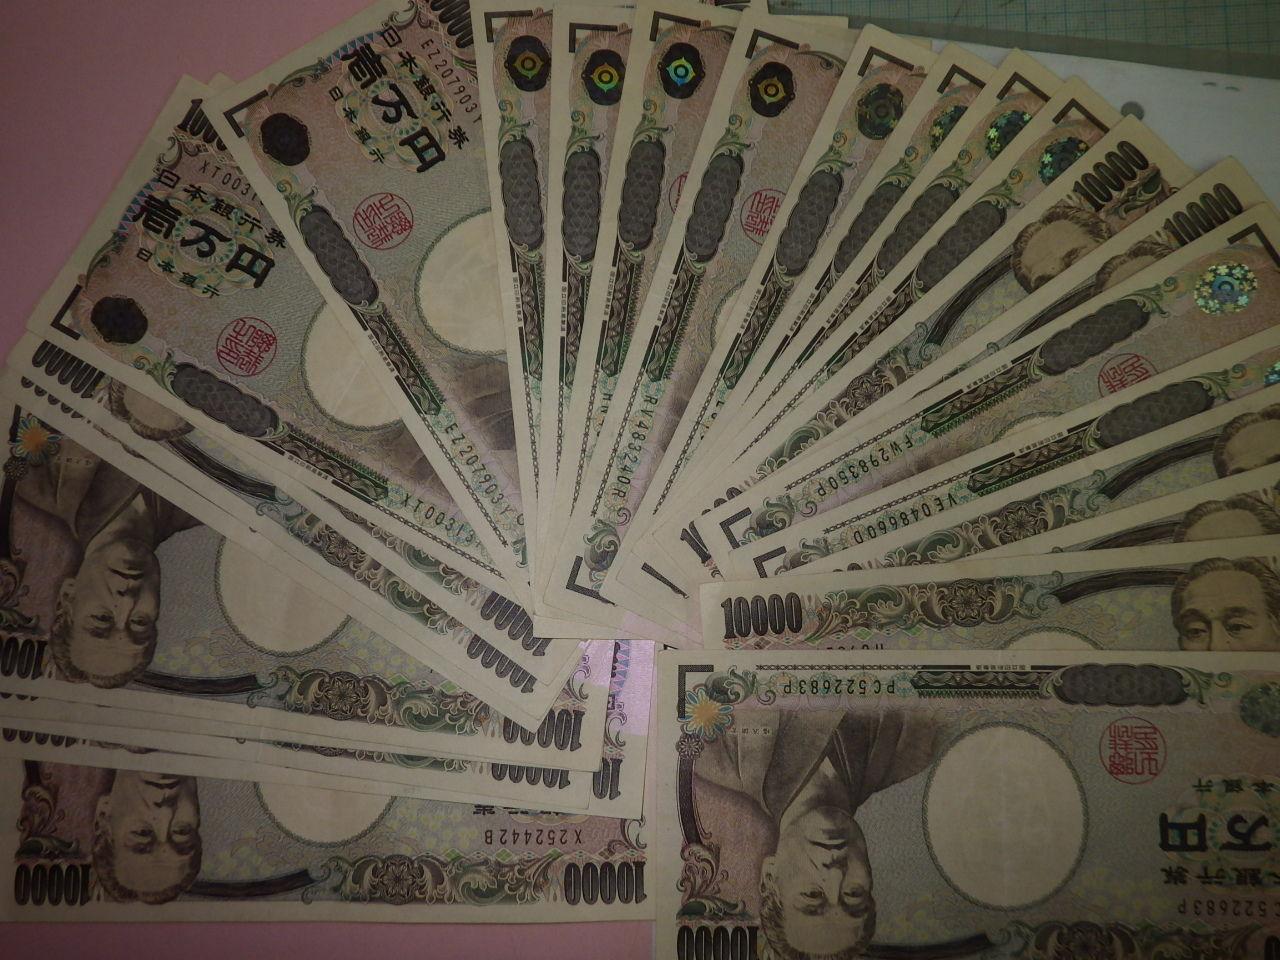 平成27年3月分給与明細 もっと欲しいわ 諭吉さん 任意整理による 借金総額700万返済ブログ